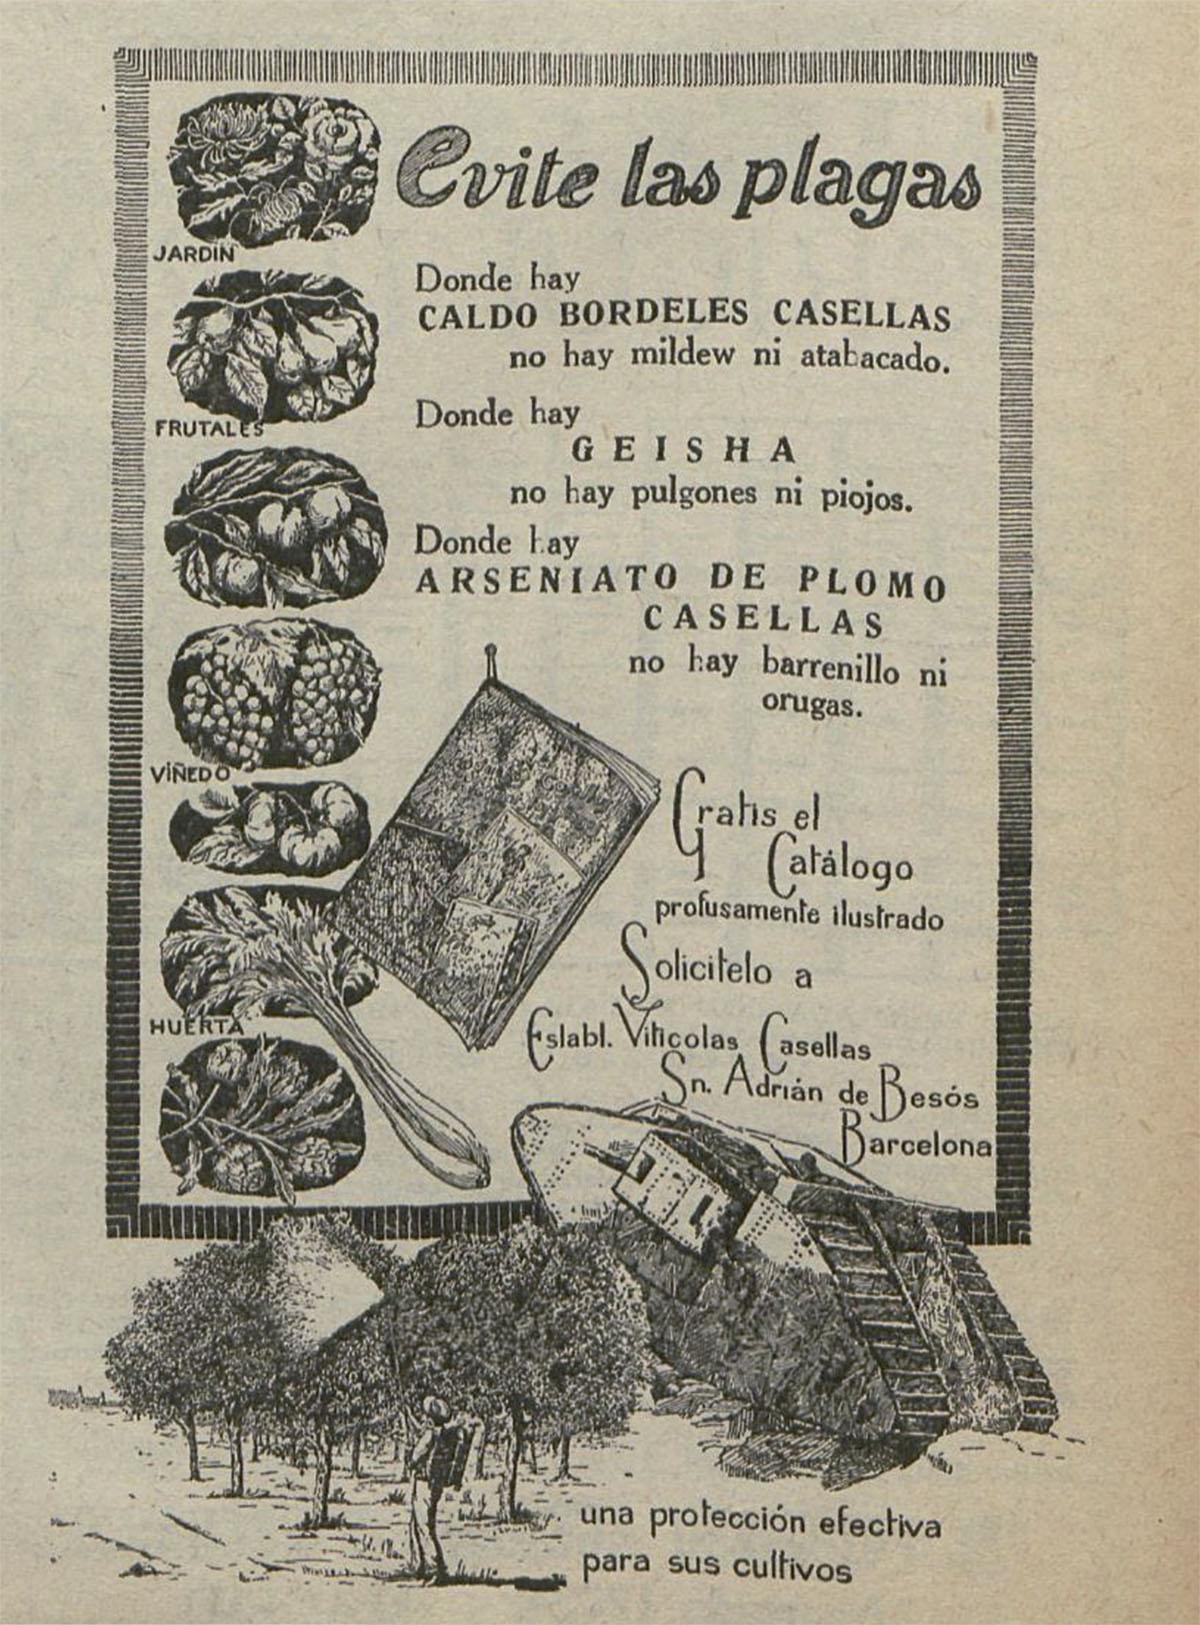 Anuncio de plaguicidas de la primera mitad del siglo XX